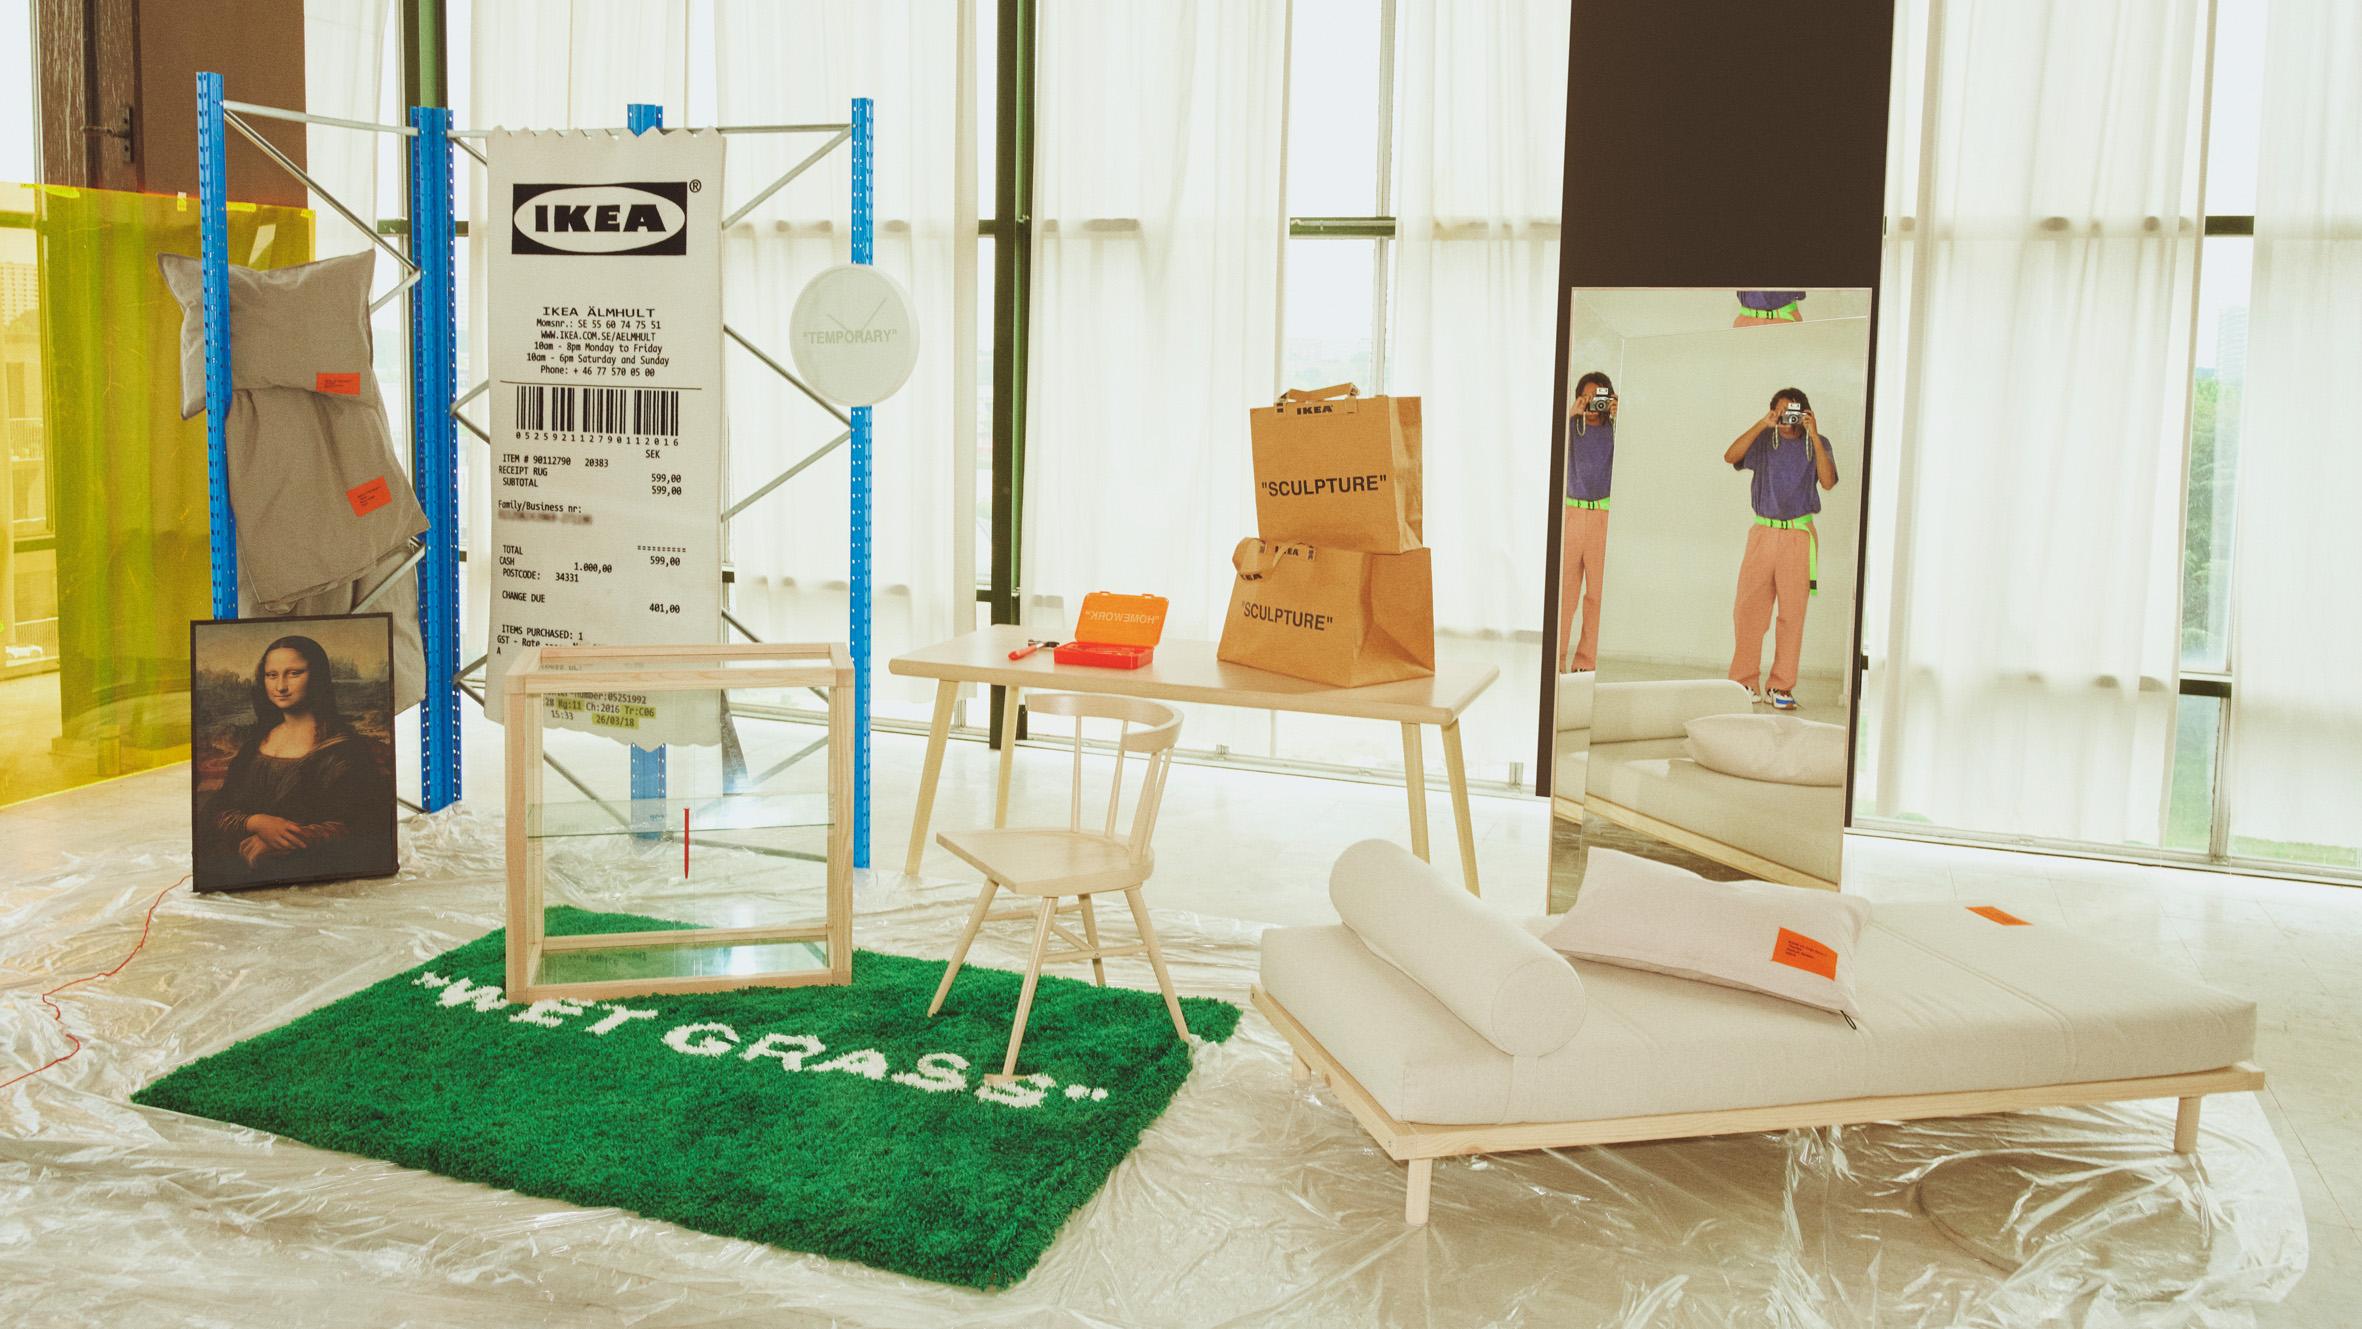 Full Size of Liegestuhl Ikea Aktuellen Austria Pressroom Modulküche Garten Betten 160x200 Küche Kosten Sofa Mit Schlaffunktion Bei Kaufen Miniküche Wohnzimmer Liegestuhl Ikea